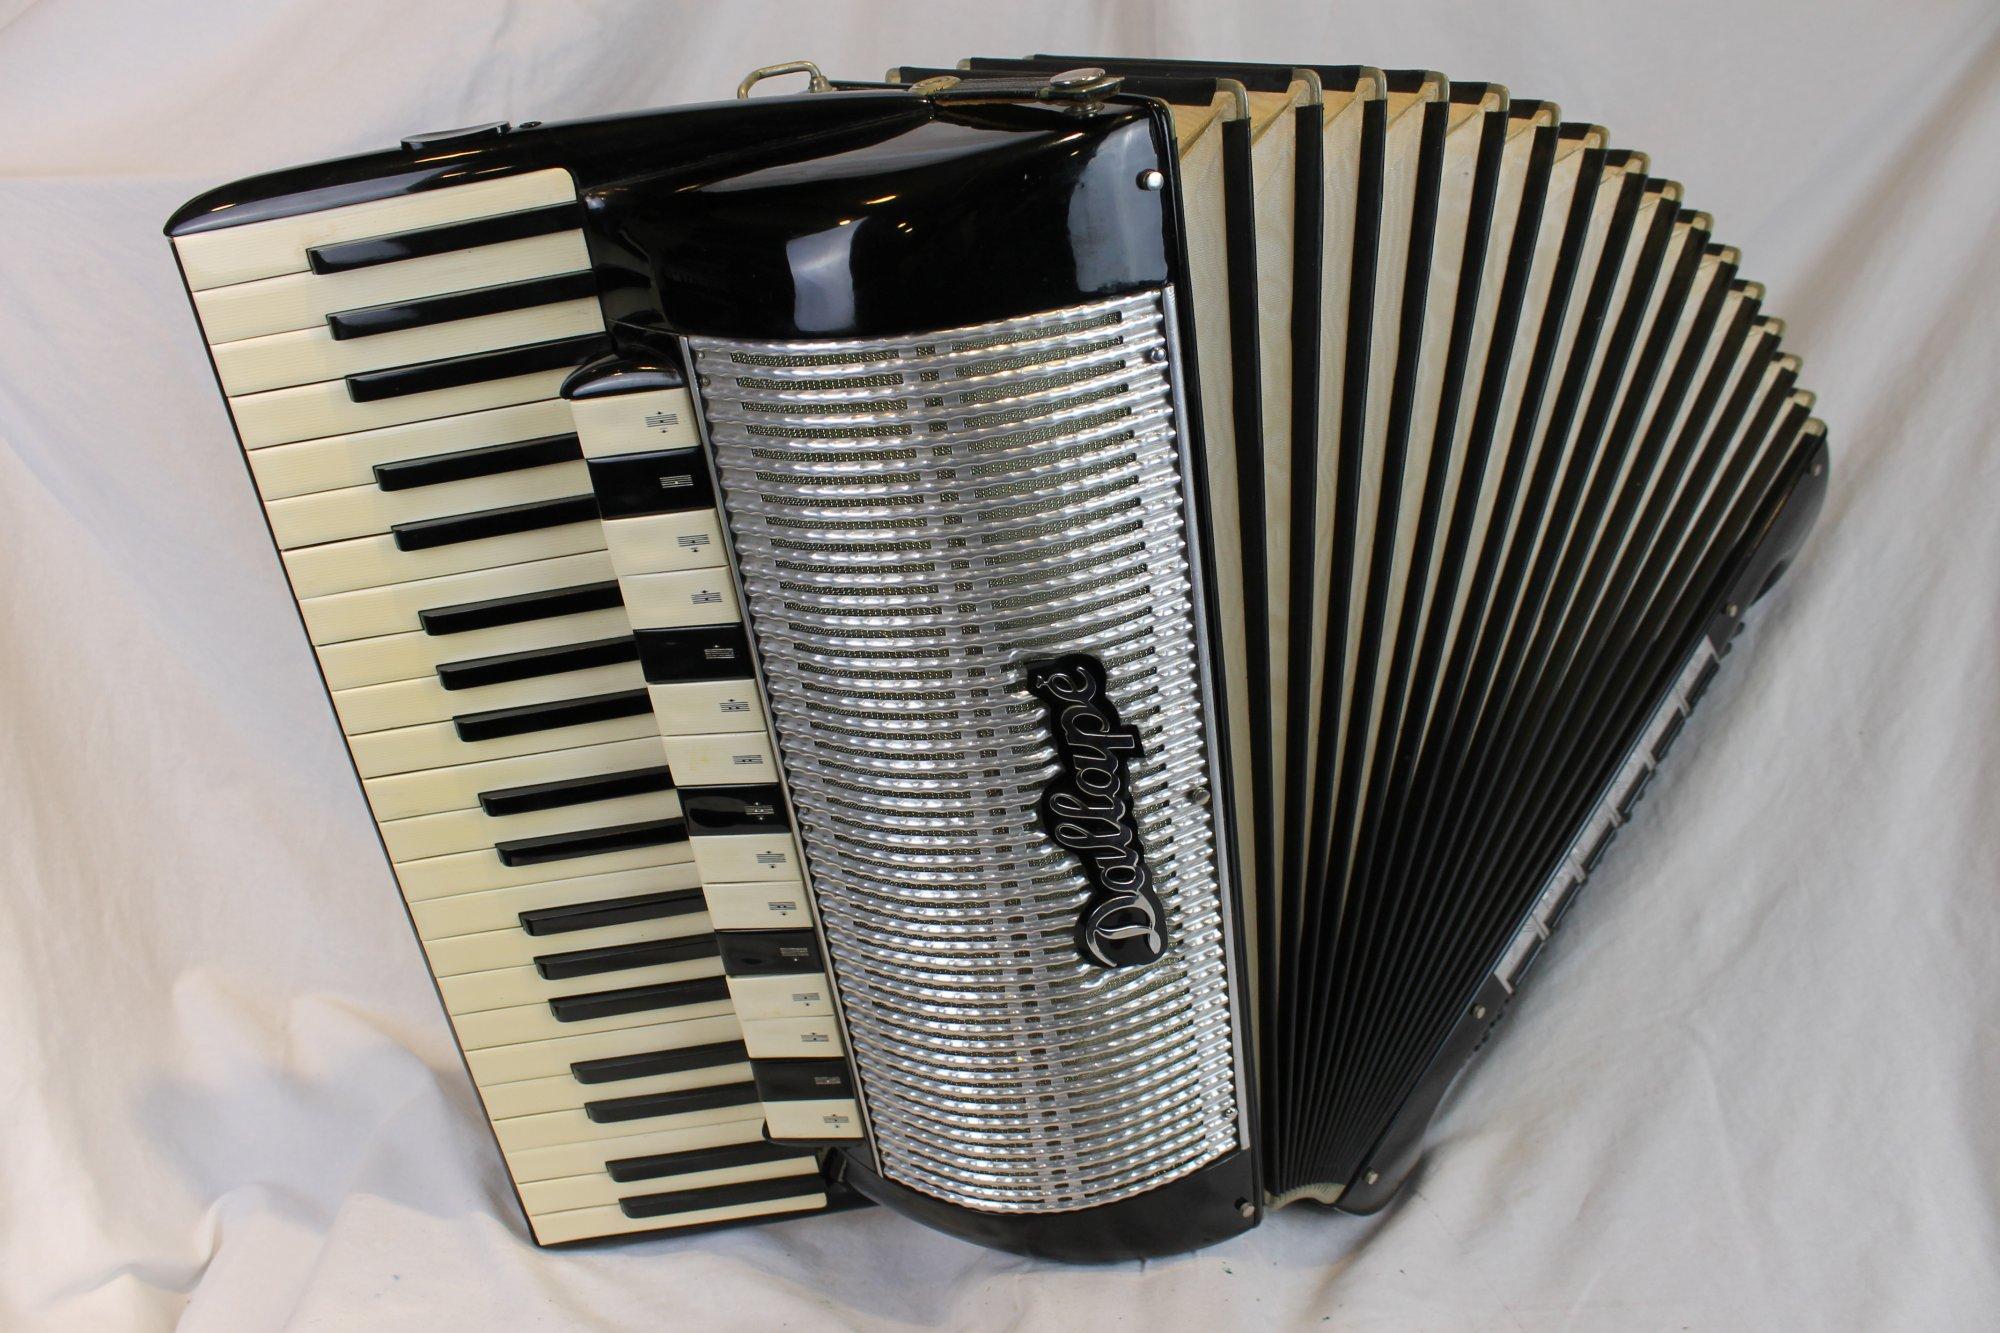 4192 - Black Dallape Super Maestro Piano Accordion LMMH 41 120